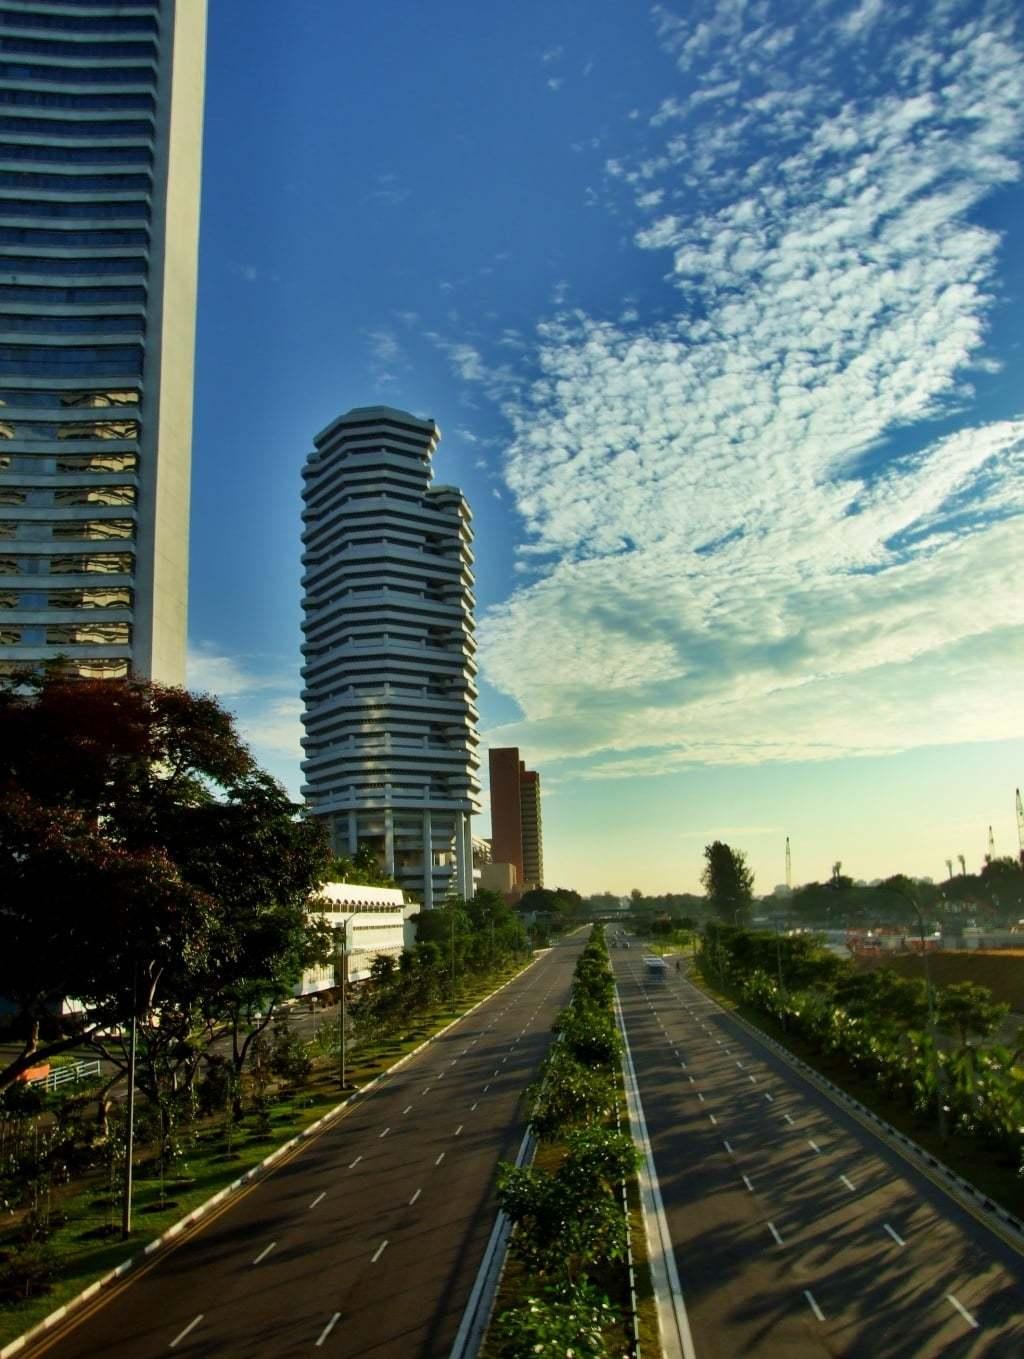 singapur yol